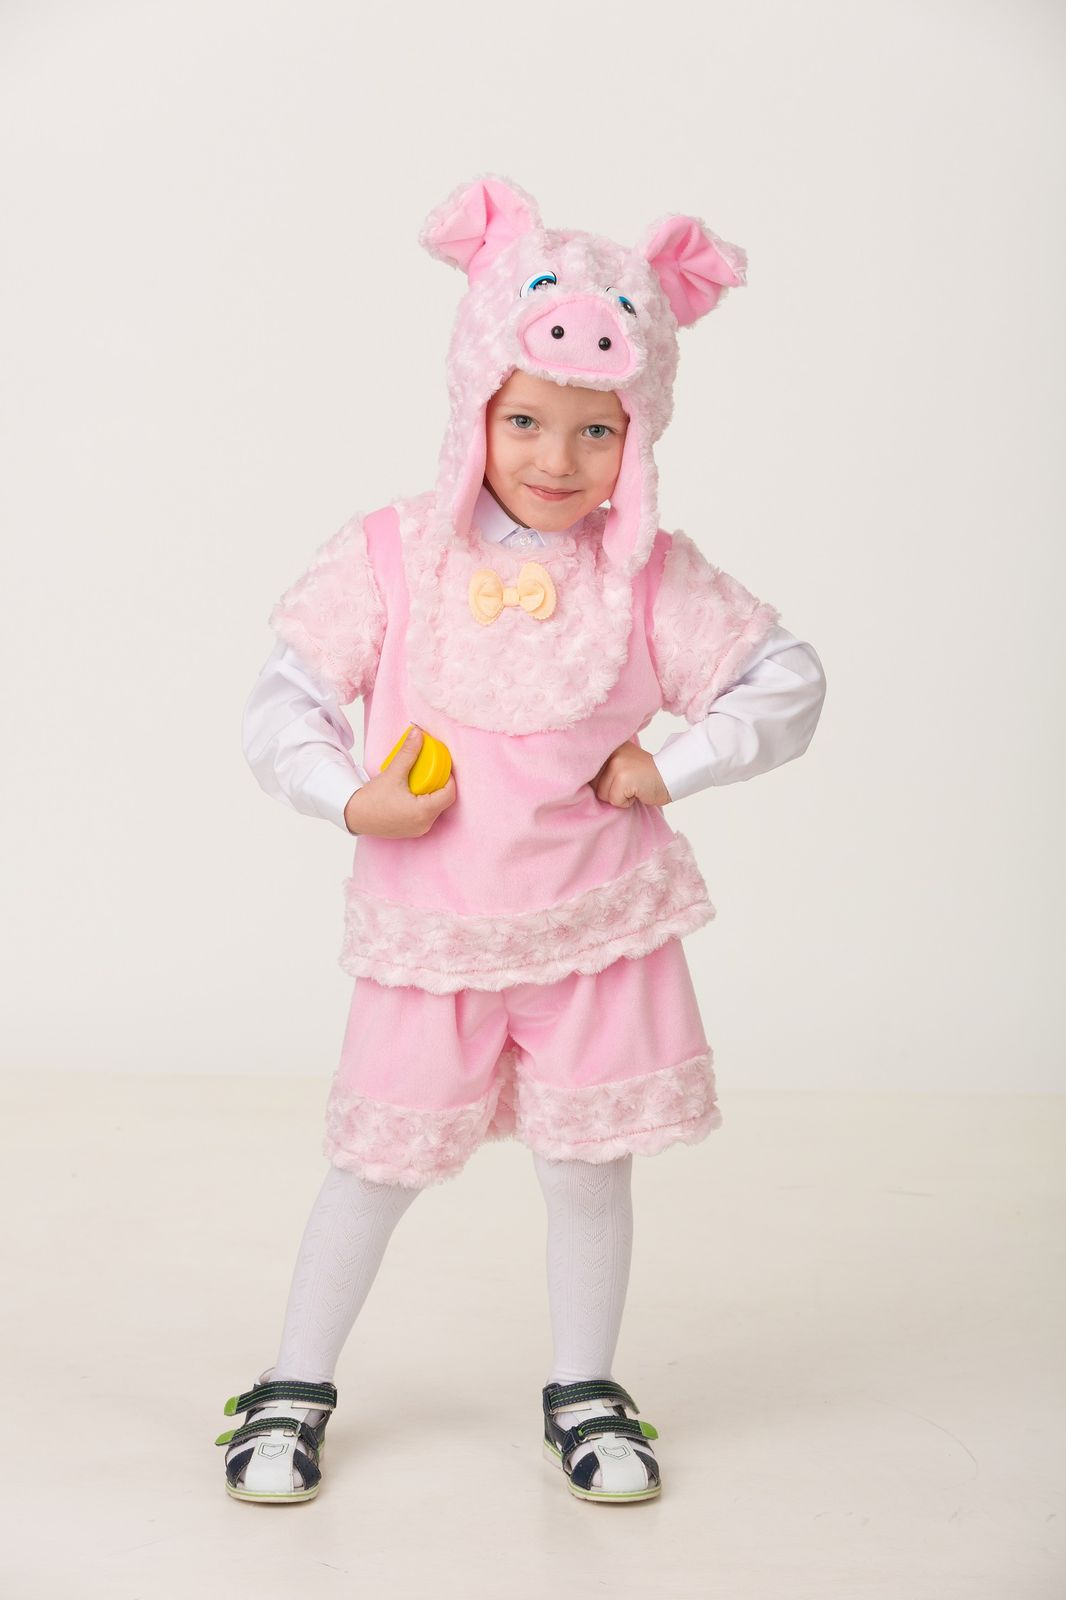 Карнавальный костюм Jeanees Поросёнок Рюрик, цвет: розовый. Размер: 26 карнавальный костюм jeanees зайчонок хвастунишка цвет голубой размер 24